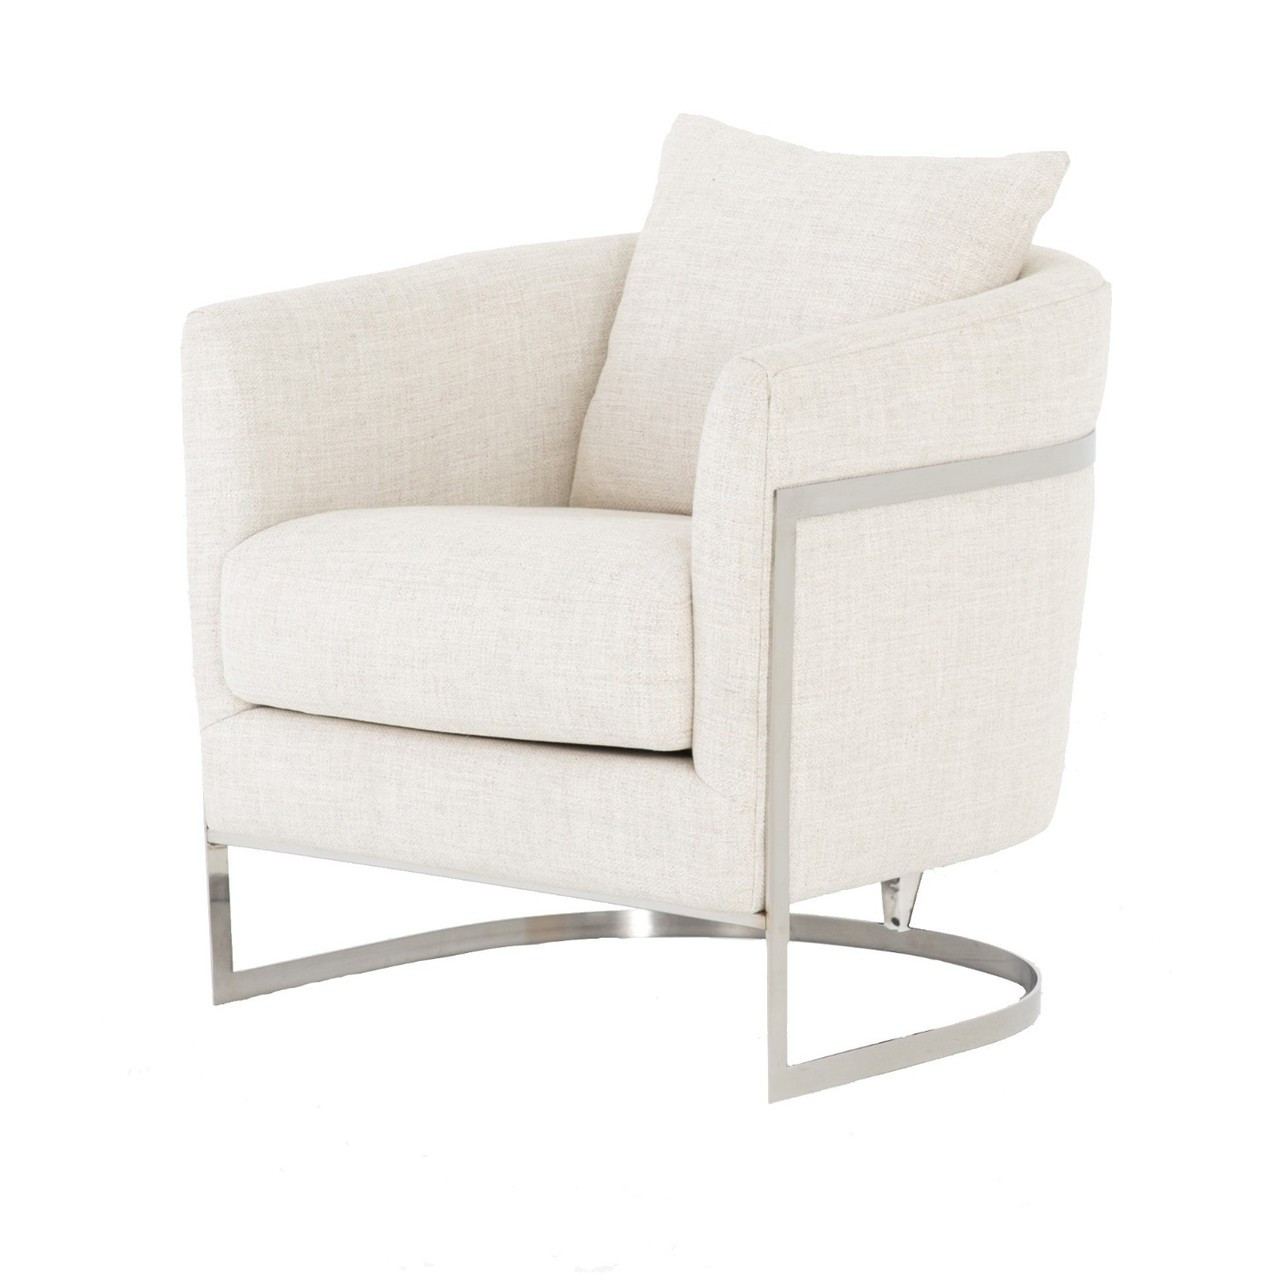 Amazing Liam Modern Cream Curved Club Chair Inzonedesignstudio Interior Chair Design Inzonedesignstudiocom